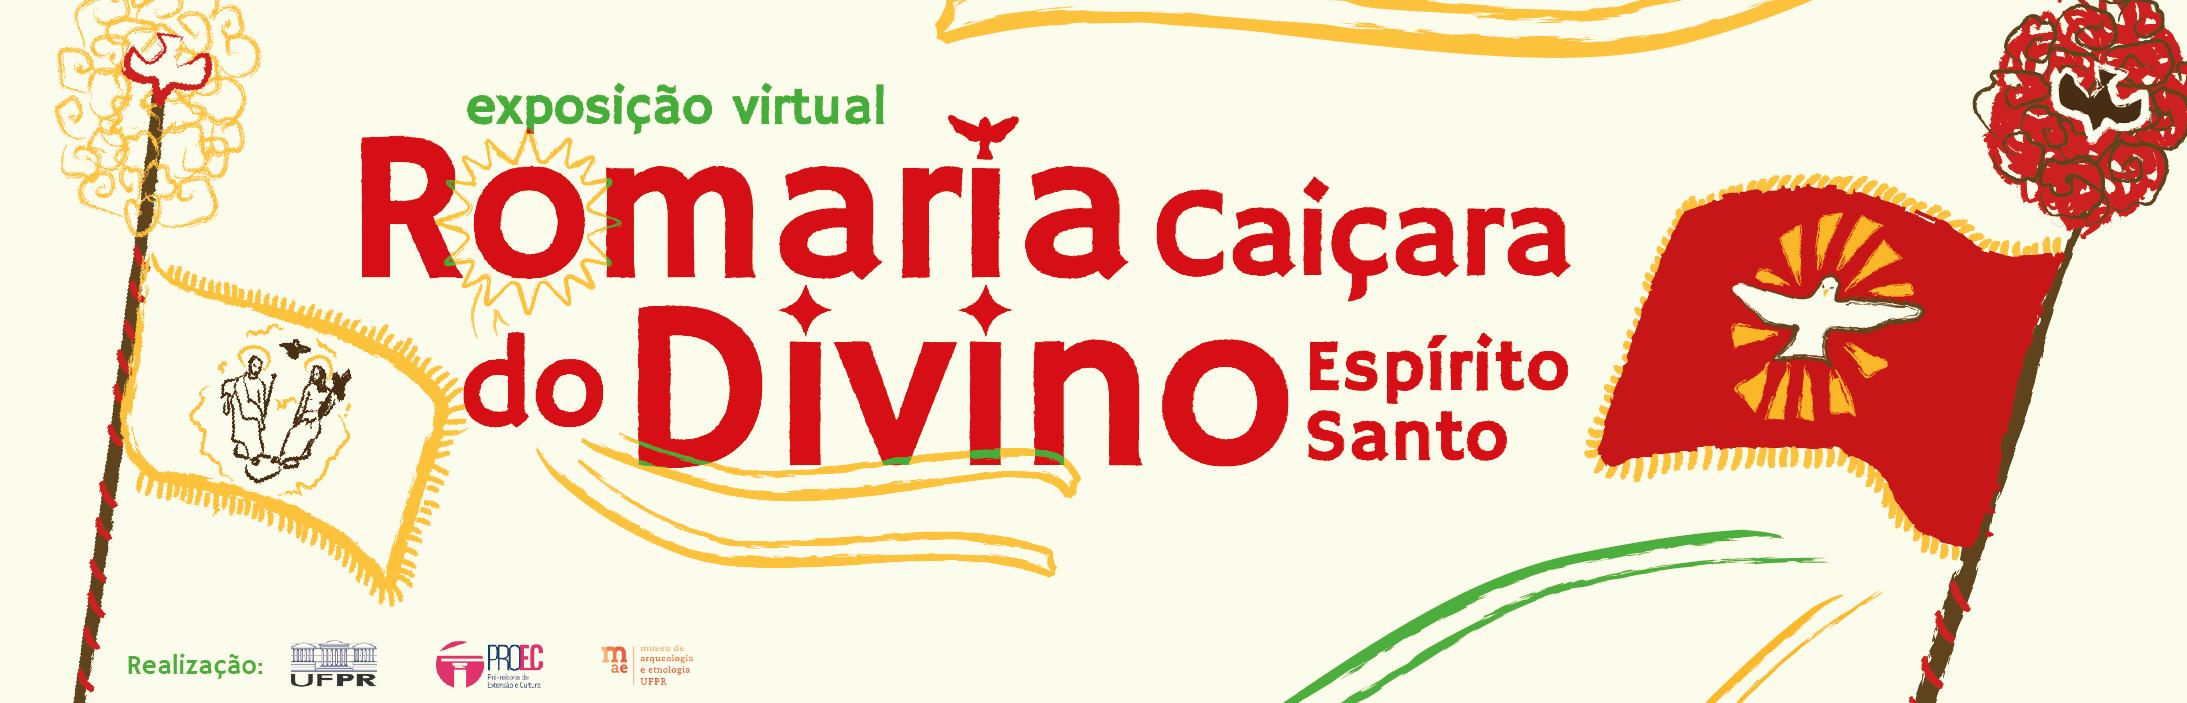 Banner Exposição Virtual Romaria Caiçara do Divino Espírito Santo